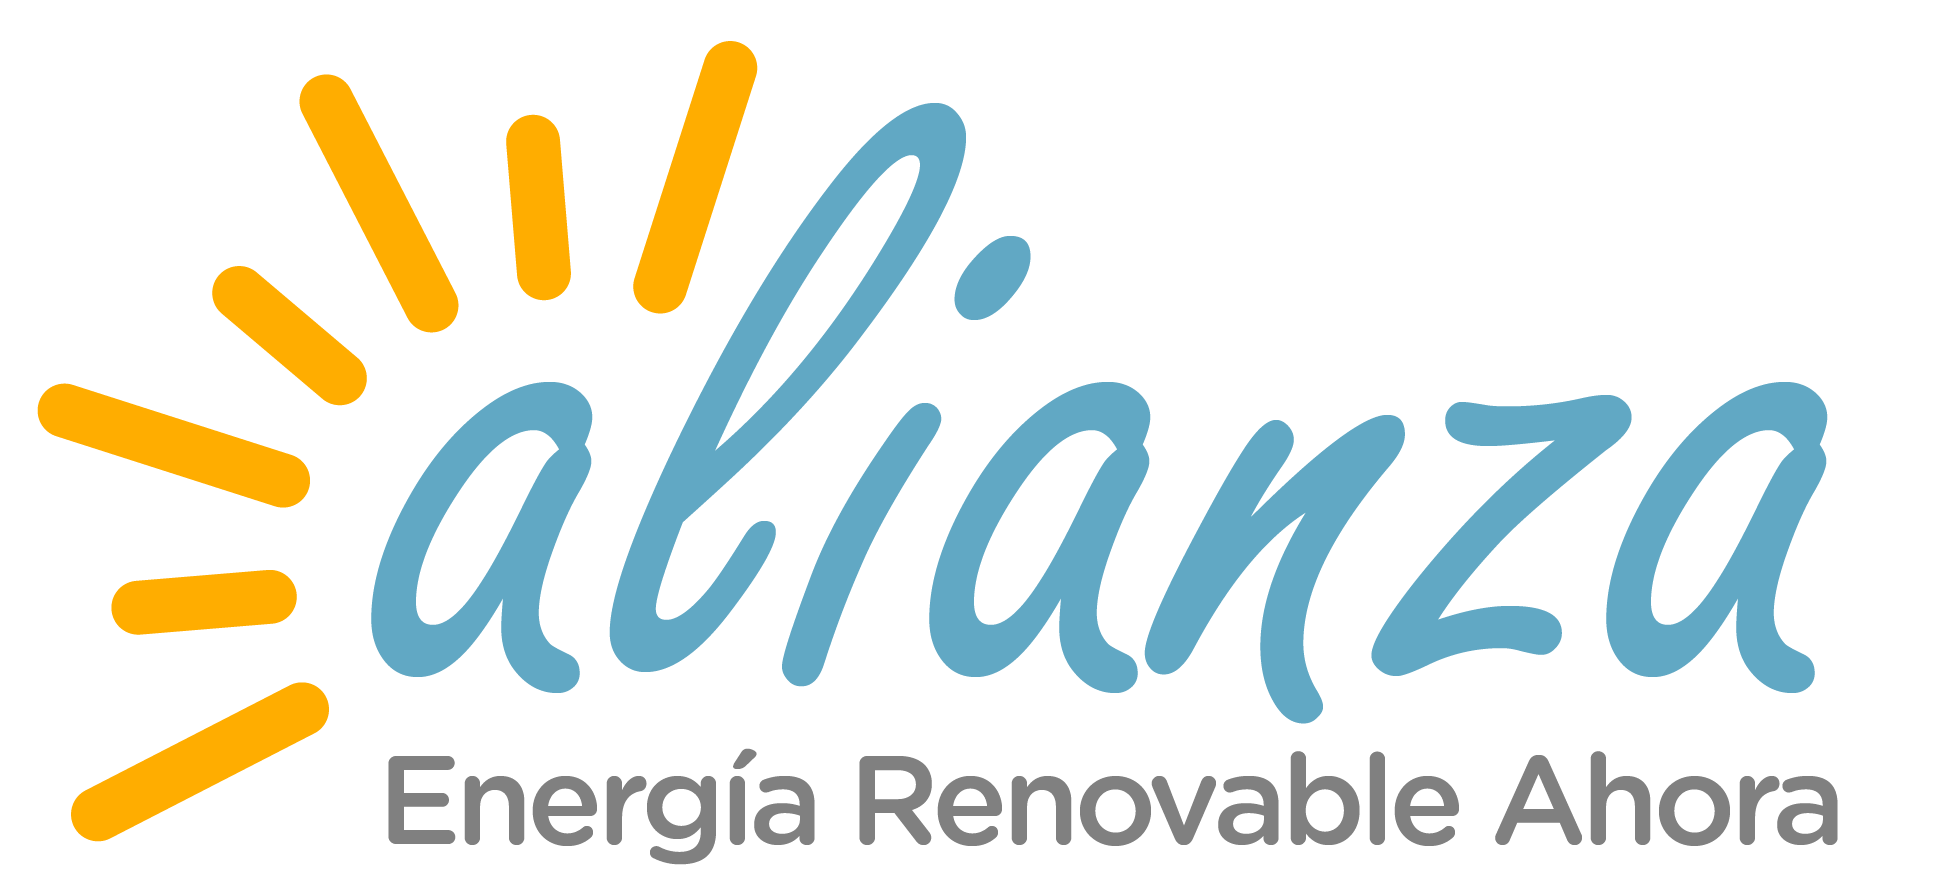 Alianza Energía Renovable Ahora